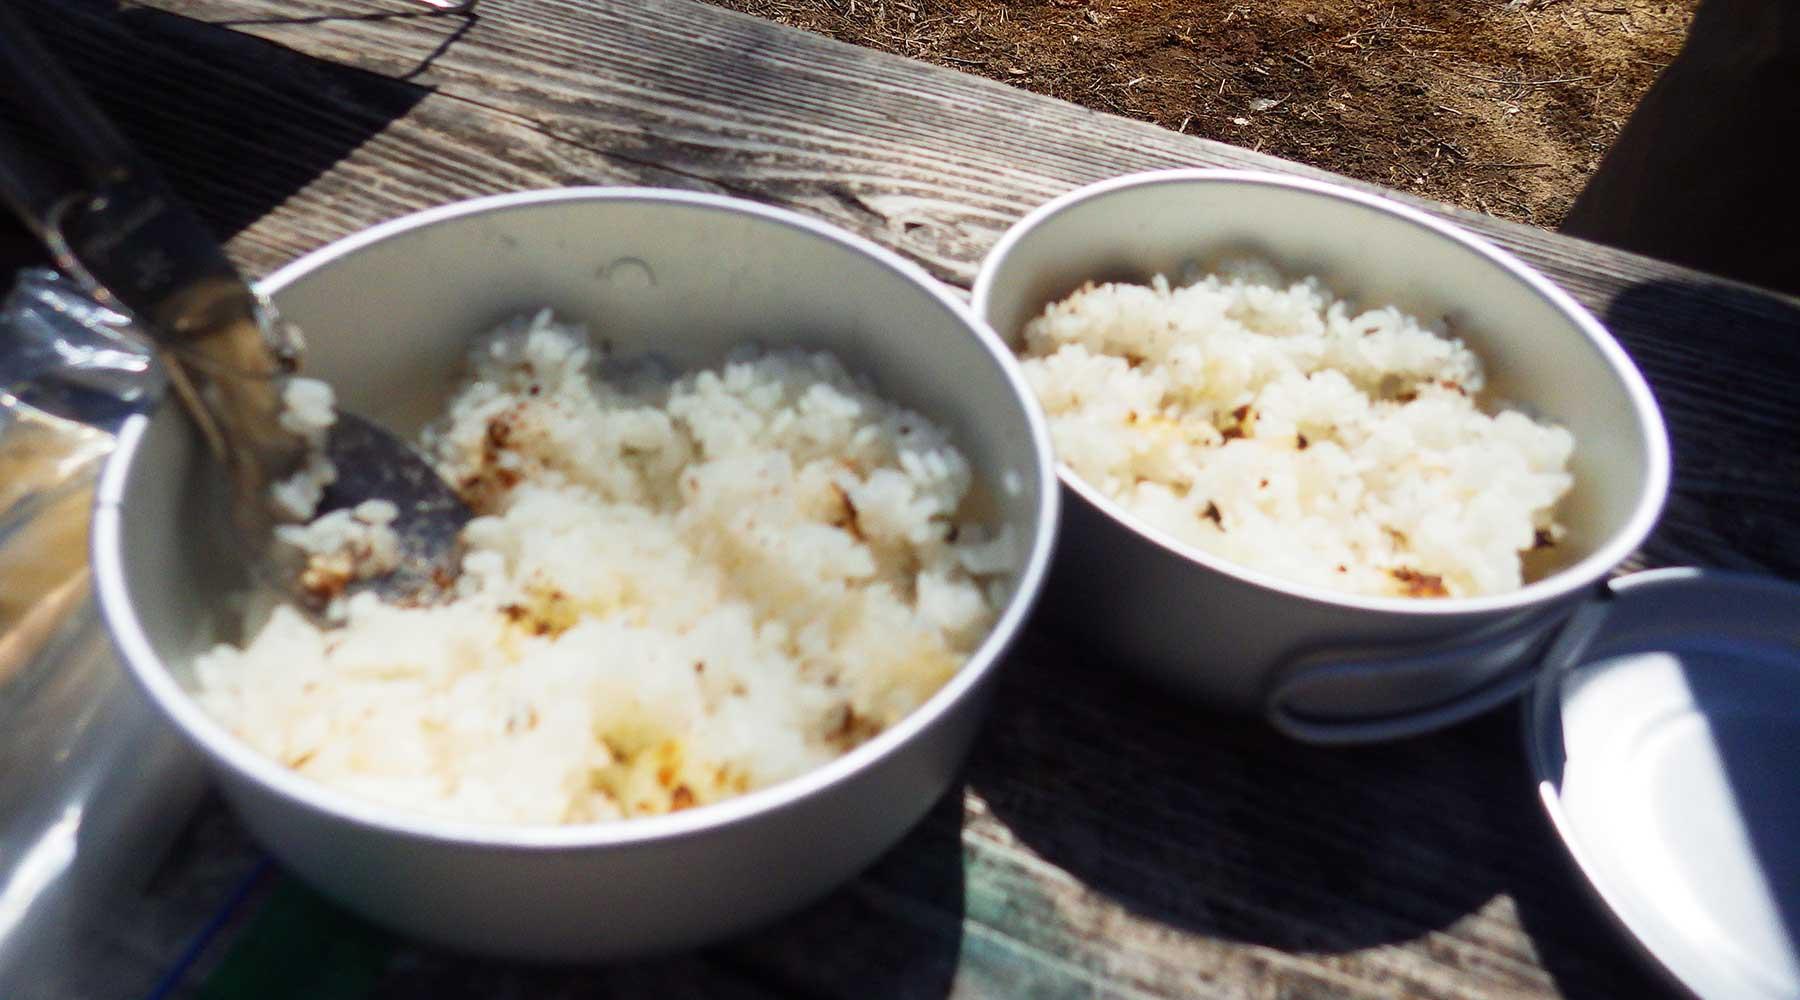 戦場ヶ原・泉門池でランチ。飯盒で炊いたご飯。